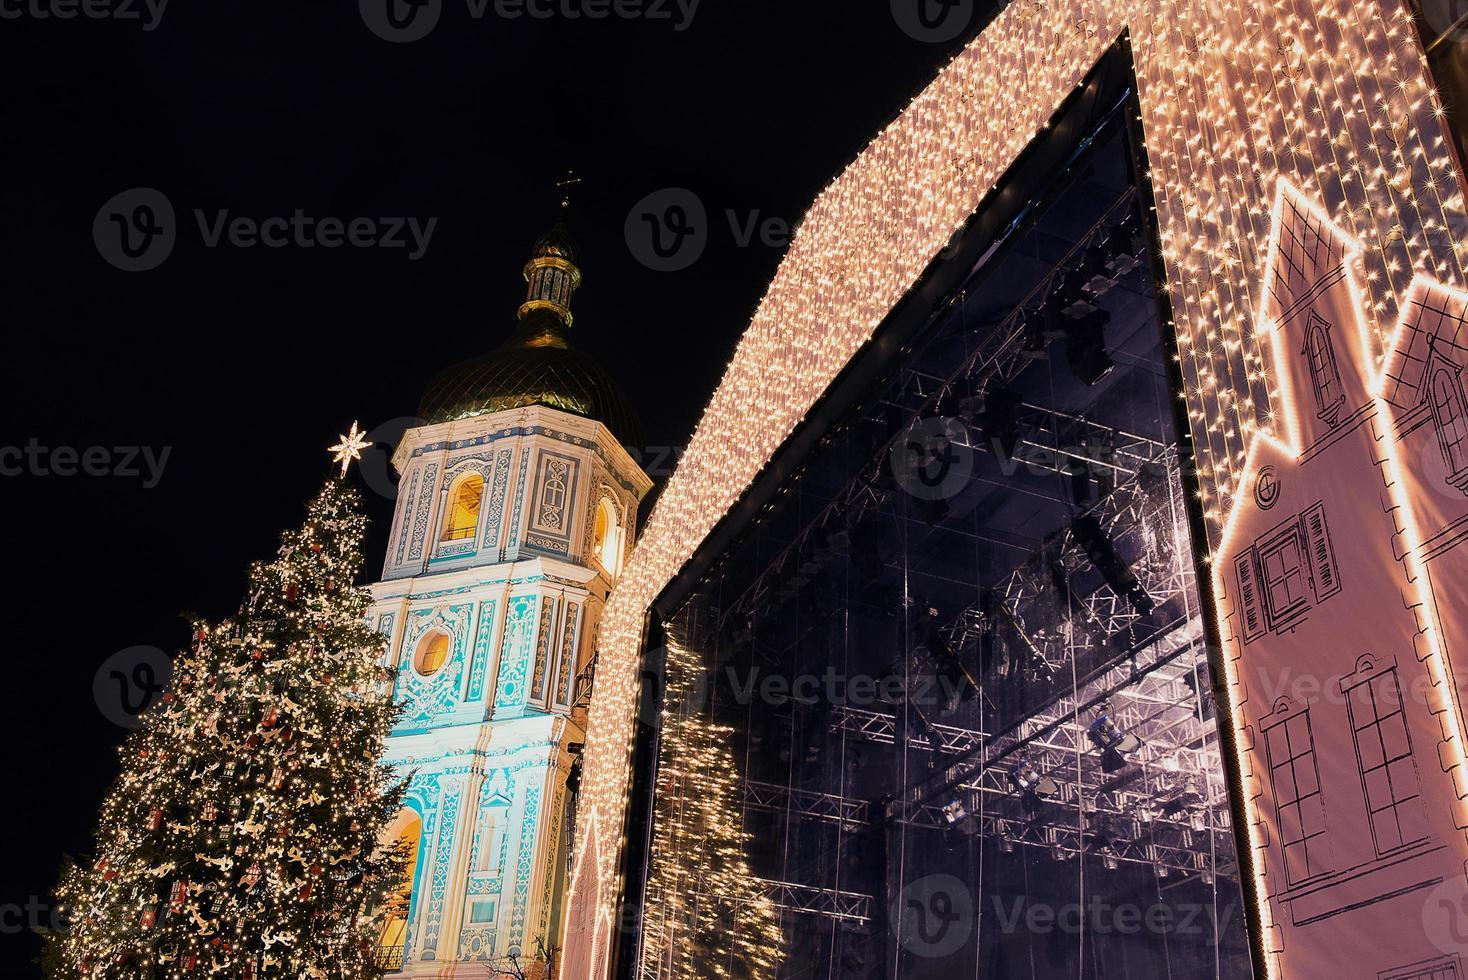 Catedral de Sophia e decorações de Natal à noite em Kiev Ucrânia foto